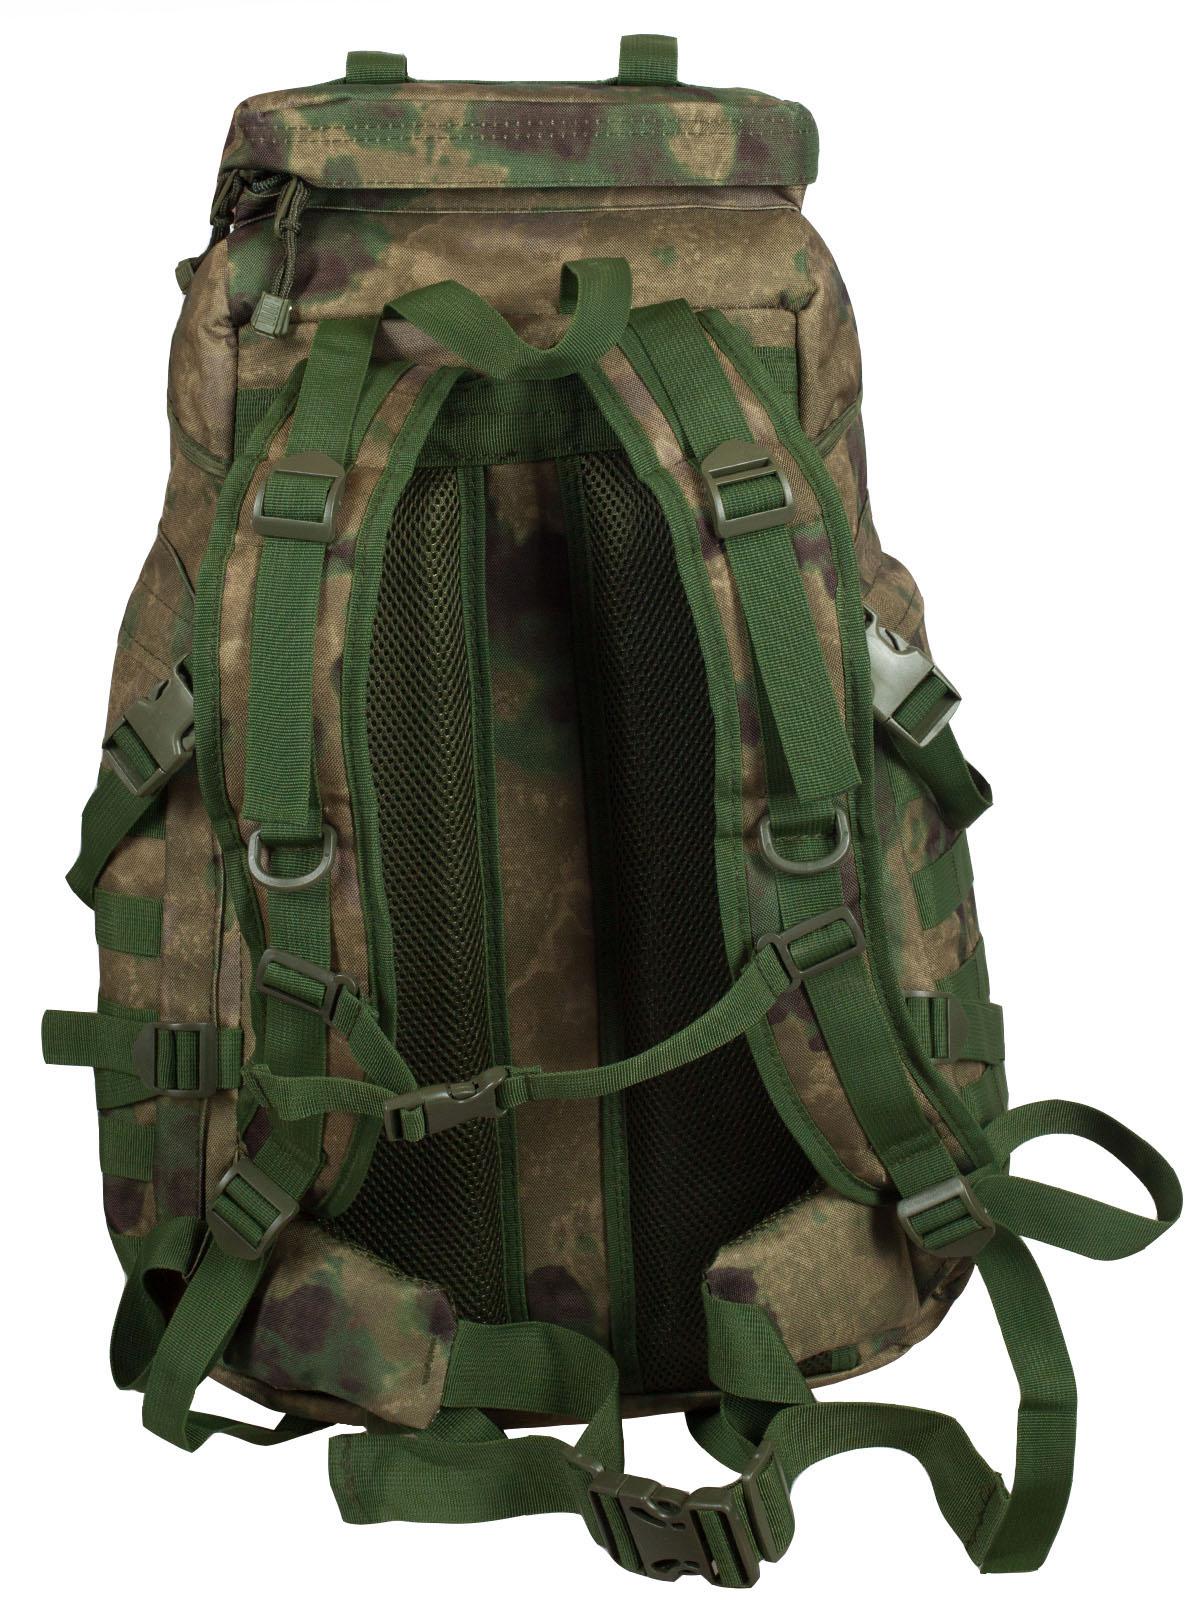 Армейский походный рюкзак камуфляж A-TACS FG с эмблемой СССР заказать в Военпро